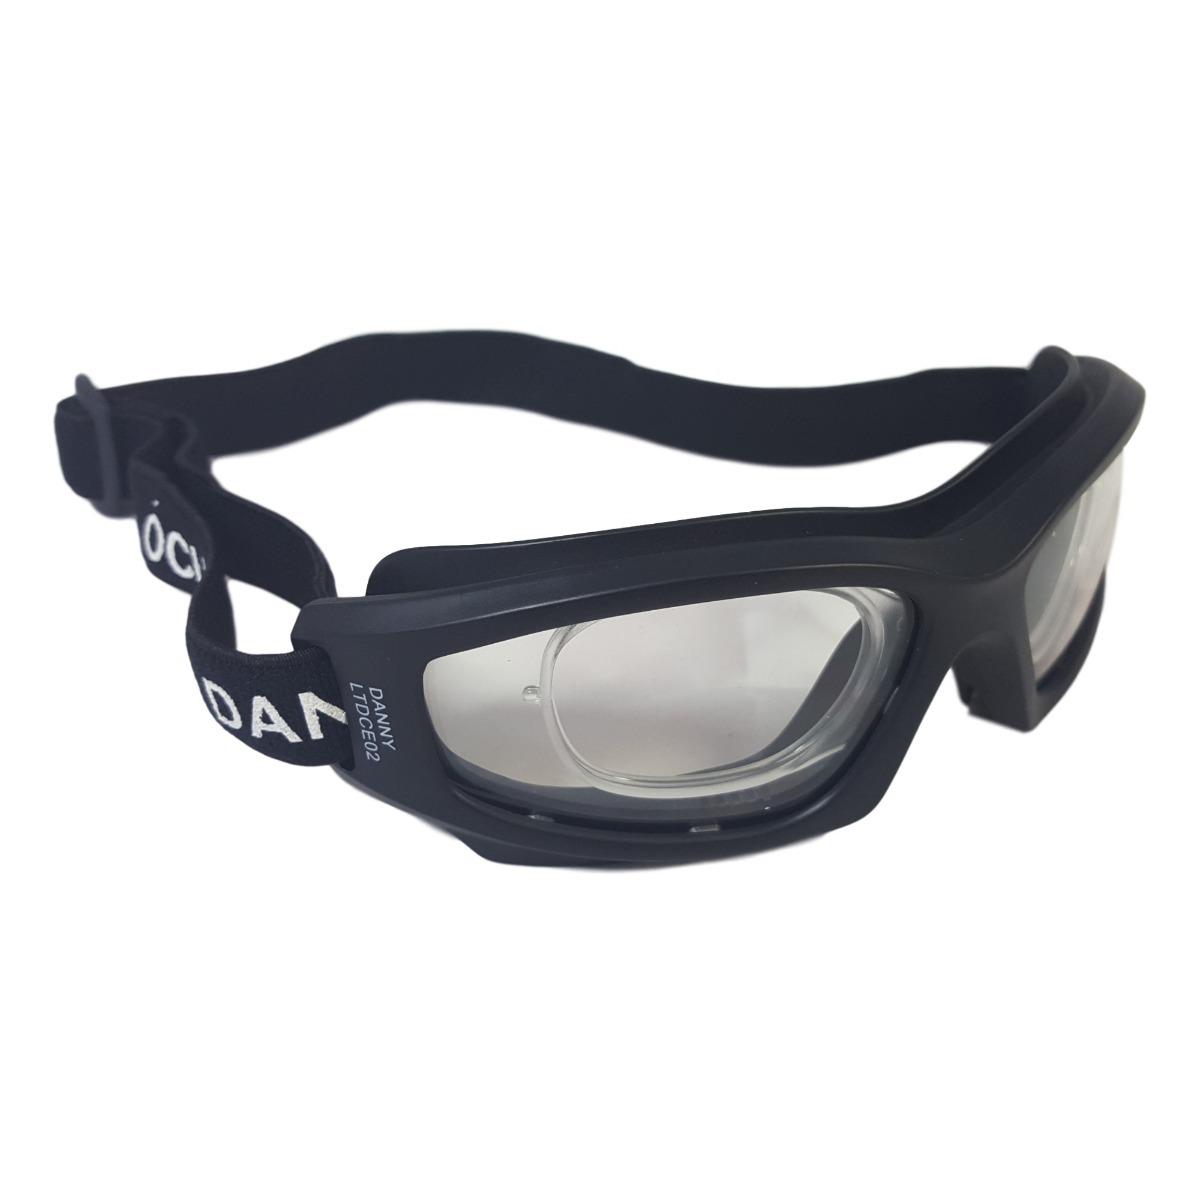 bee2379c8d533 Oculos De Proteção D Tech Com Suporte Para Lente De Grau - R  99,90 ...